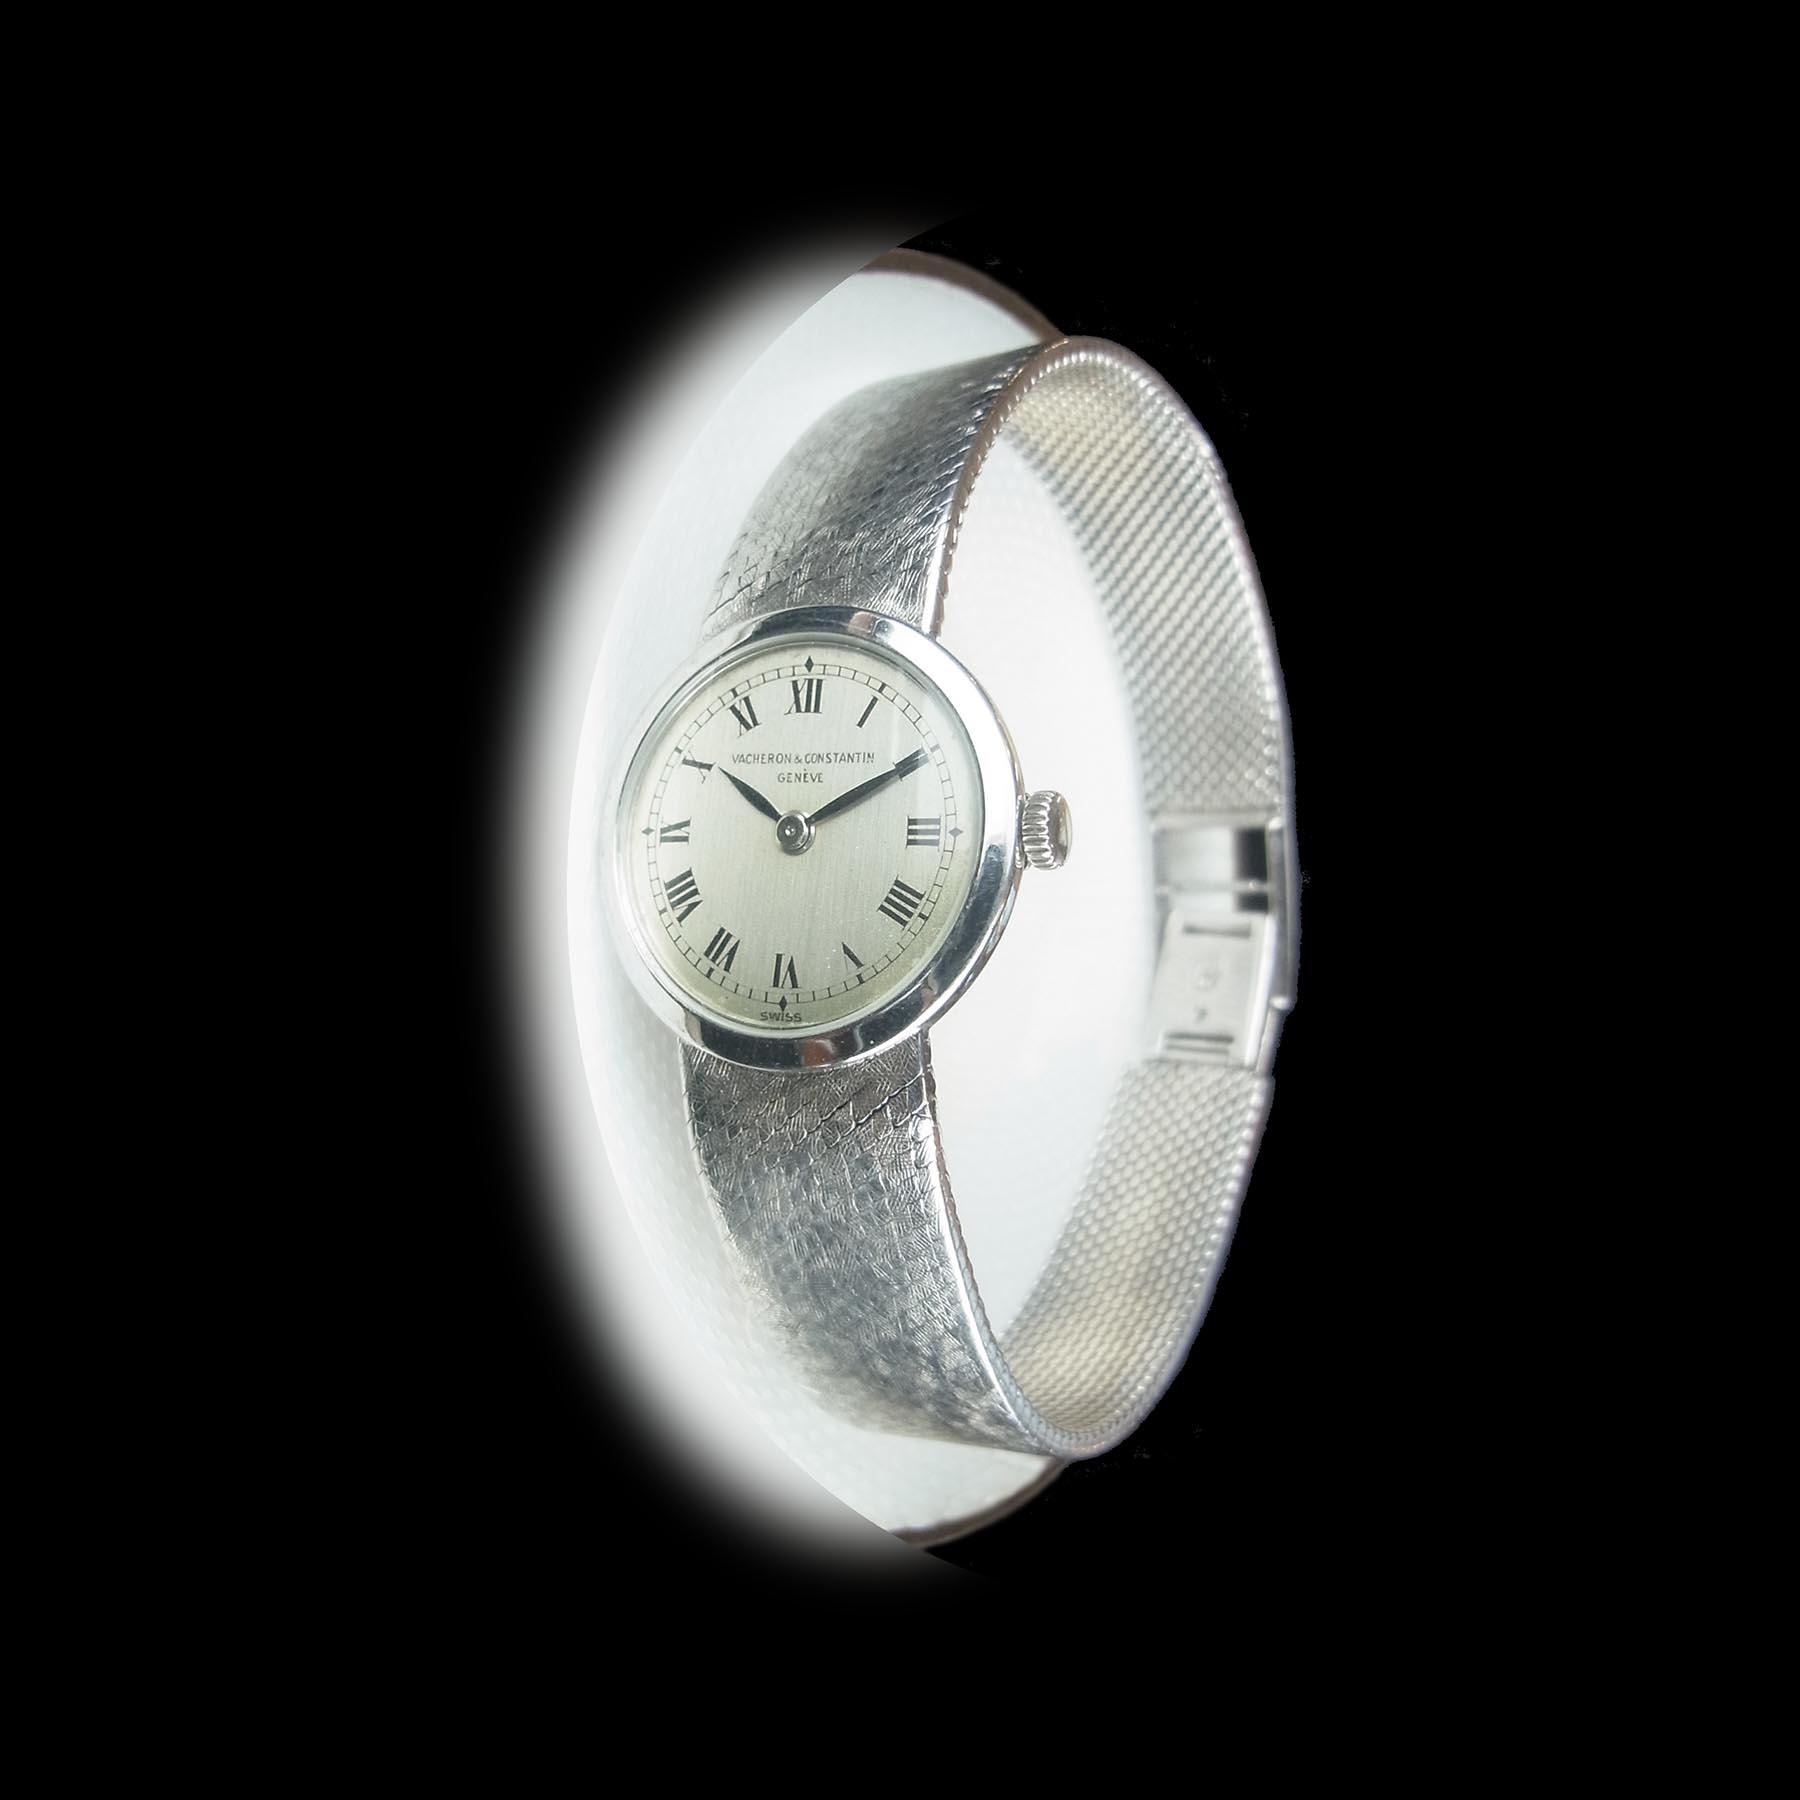 ヴァシュロン・コンスタンタン 機械式ムーヴメント手巻き腕時計 アンティークウオッチ